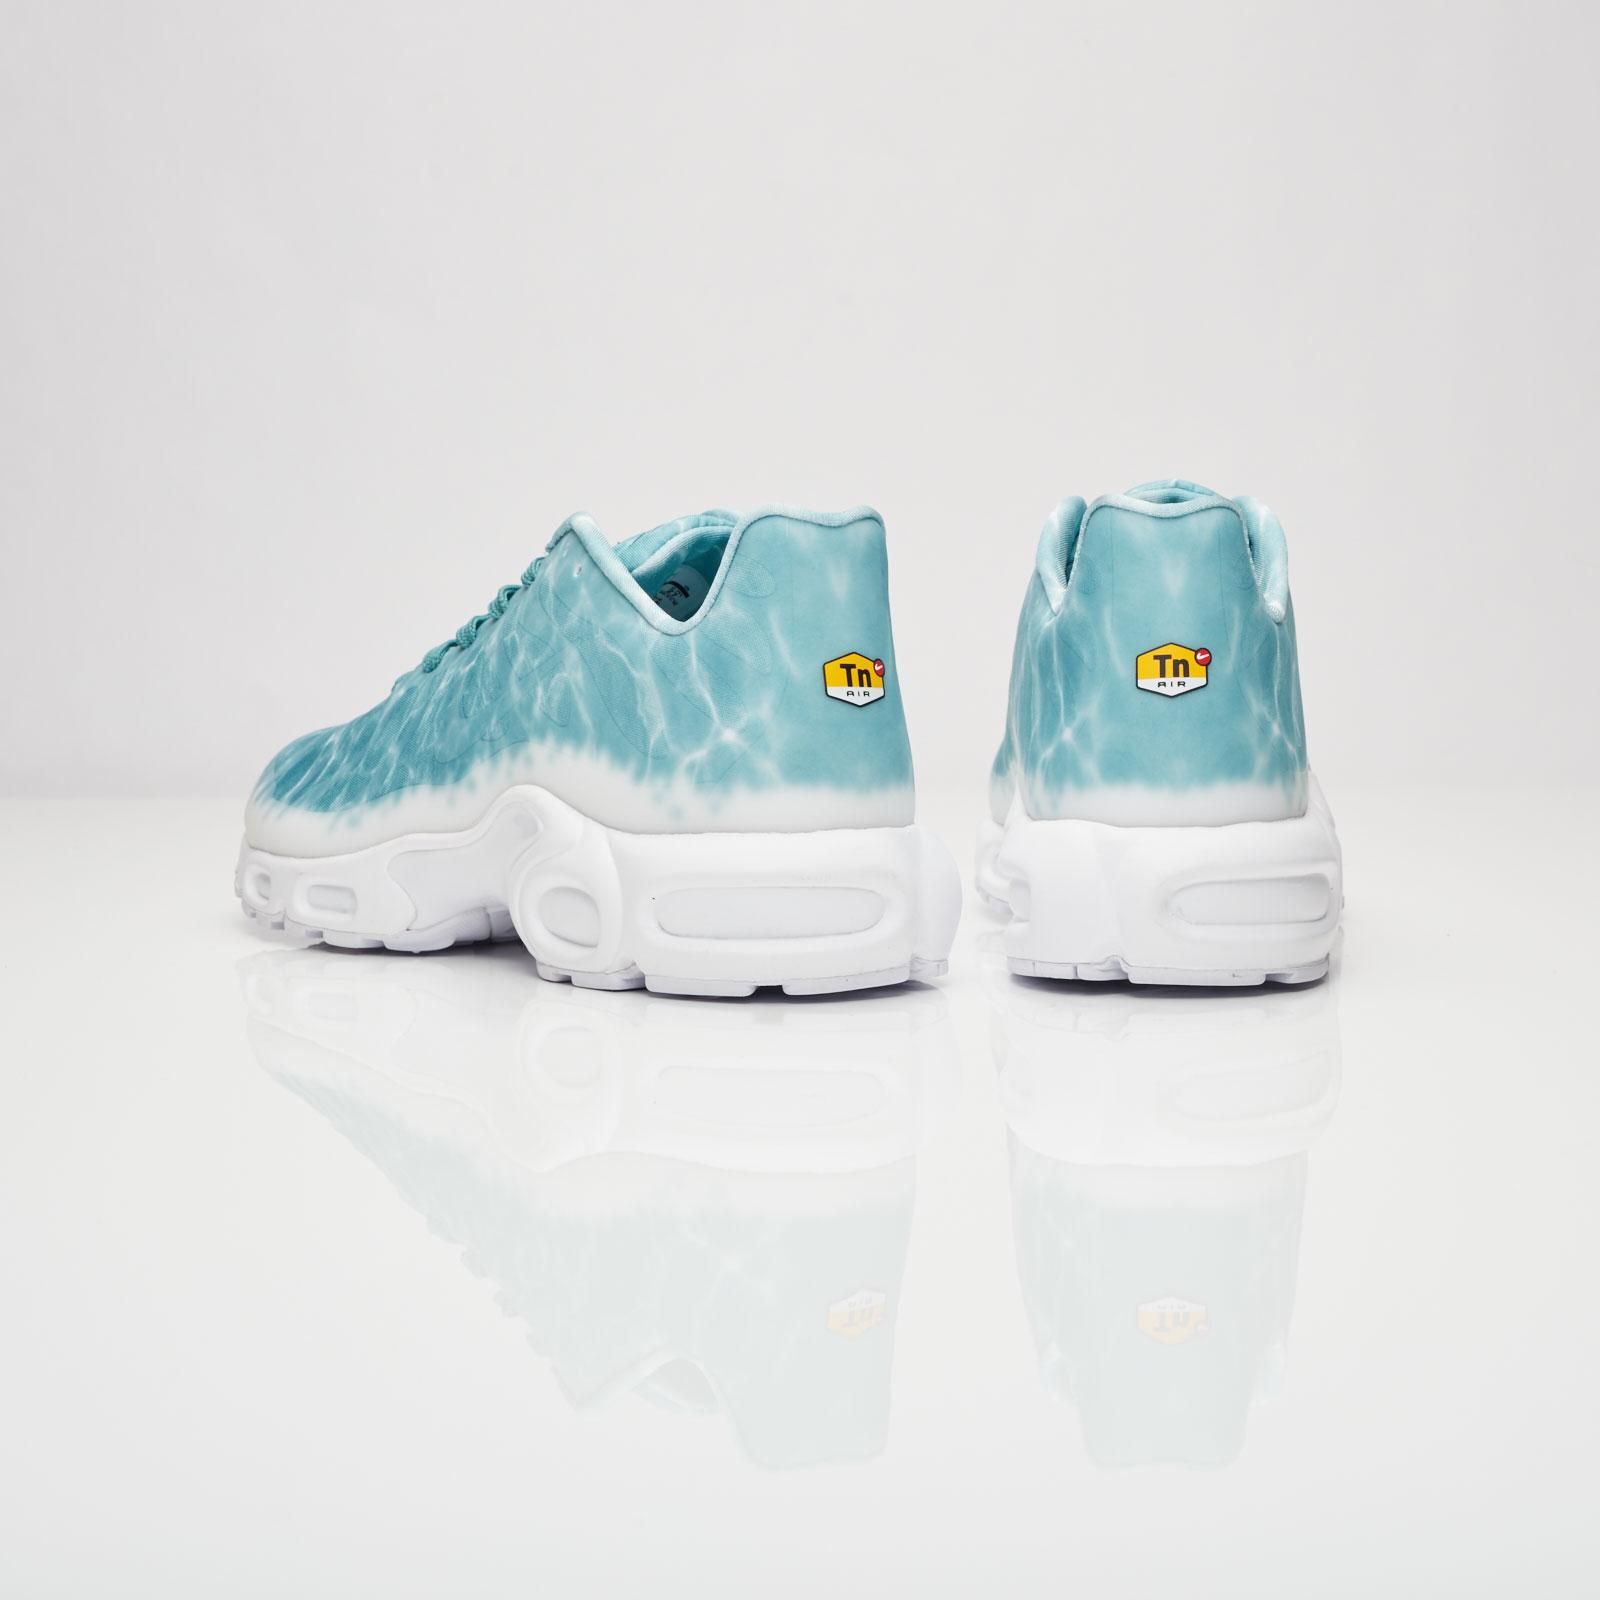 Nike Air Max Plus GPX Premium SP